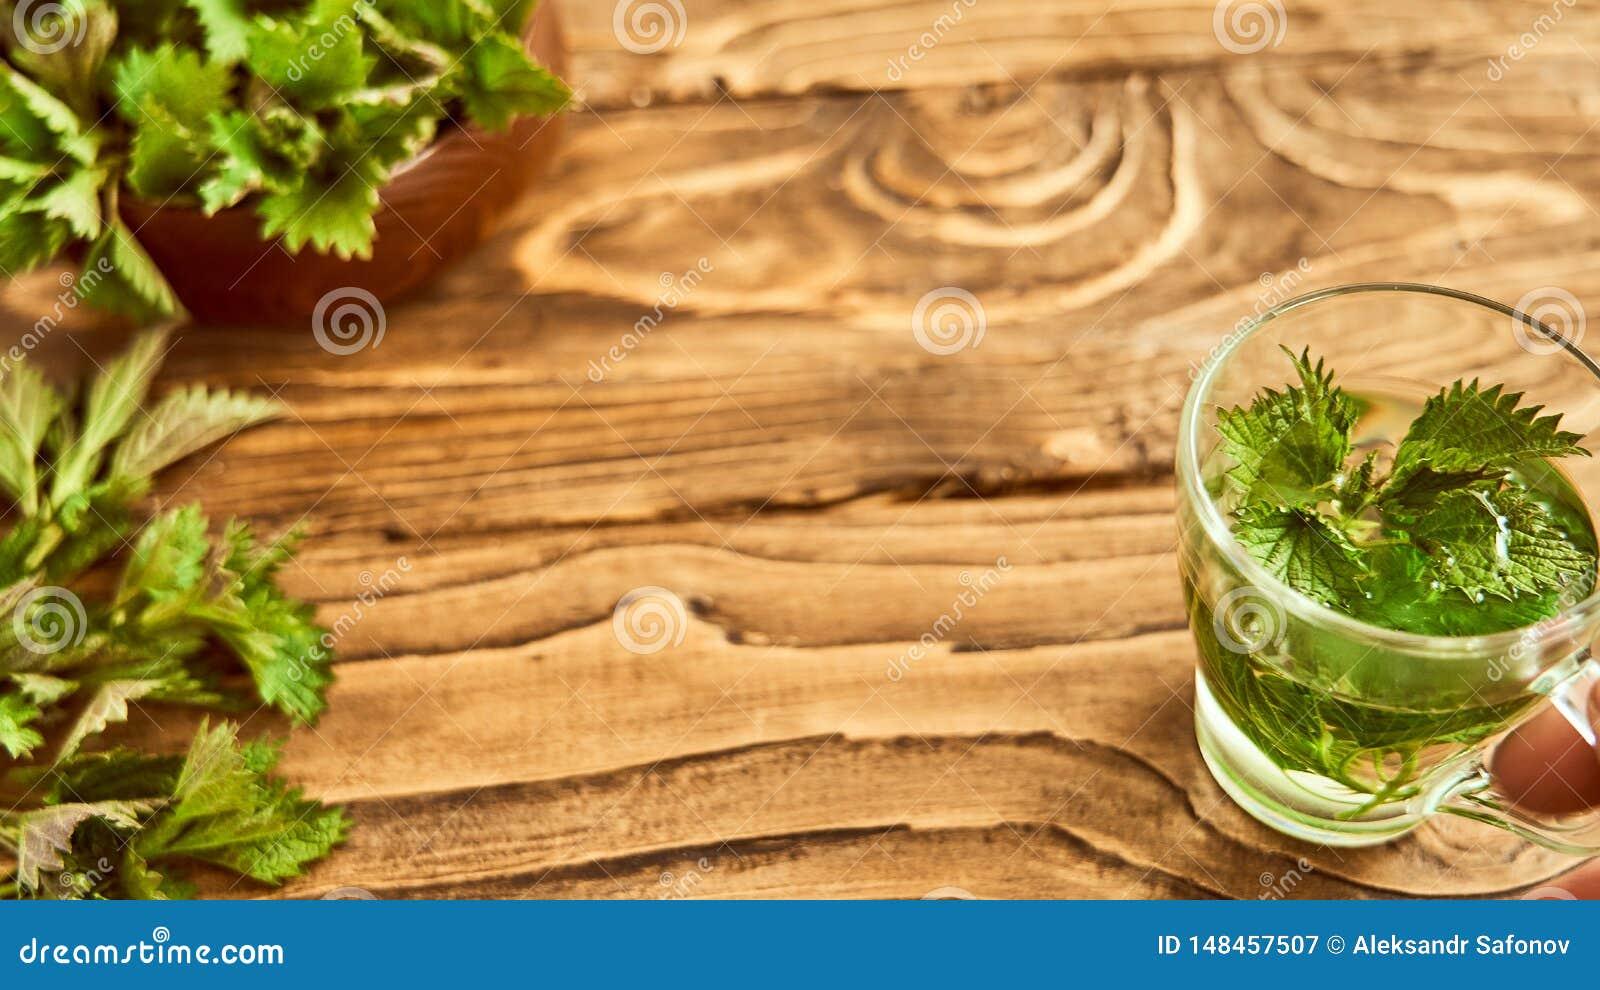 Op een houten achtergrond is een glas met gebrouwen jonge netels geneeskrachtige bouillon van netel